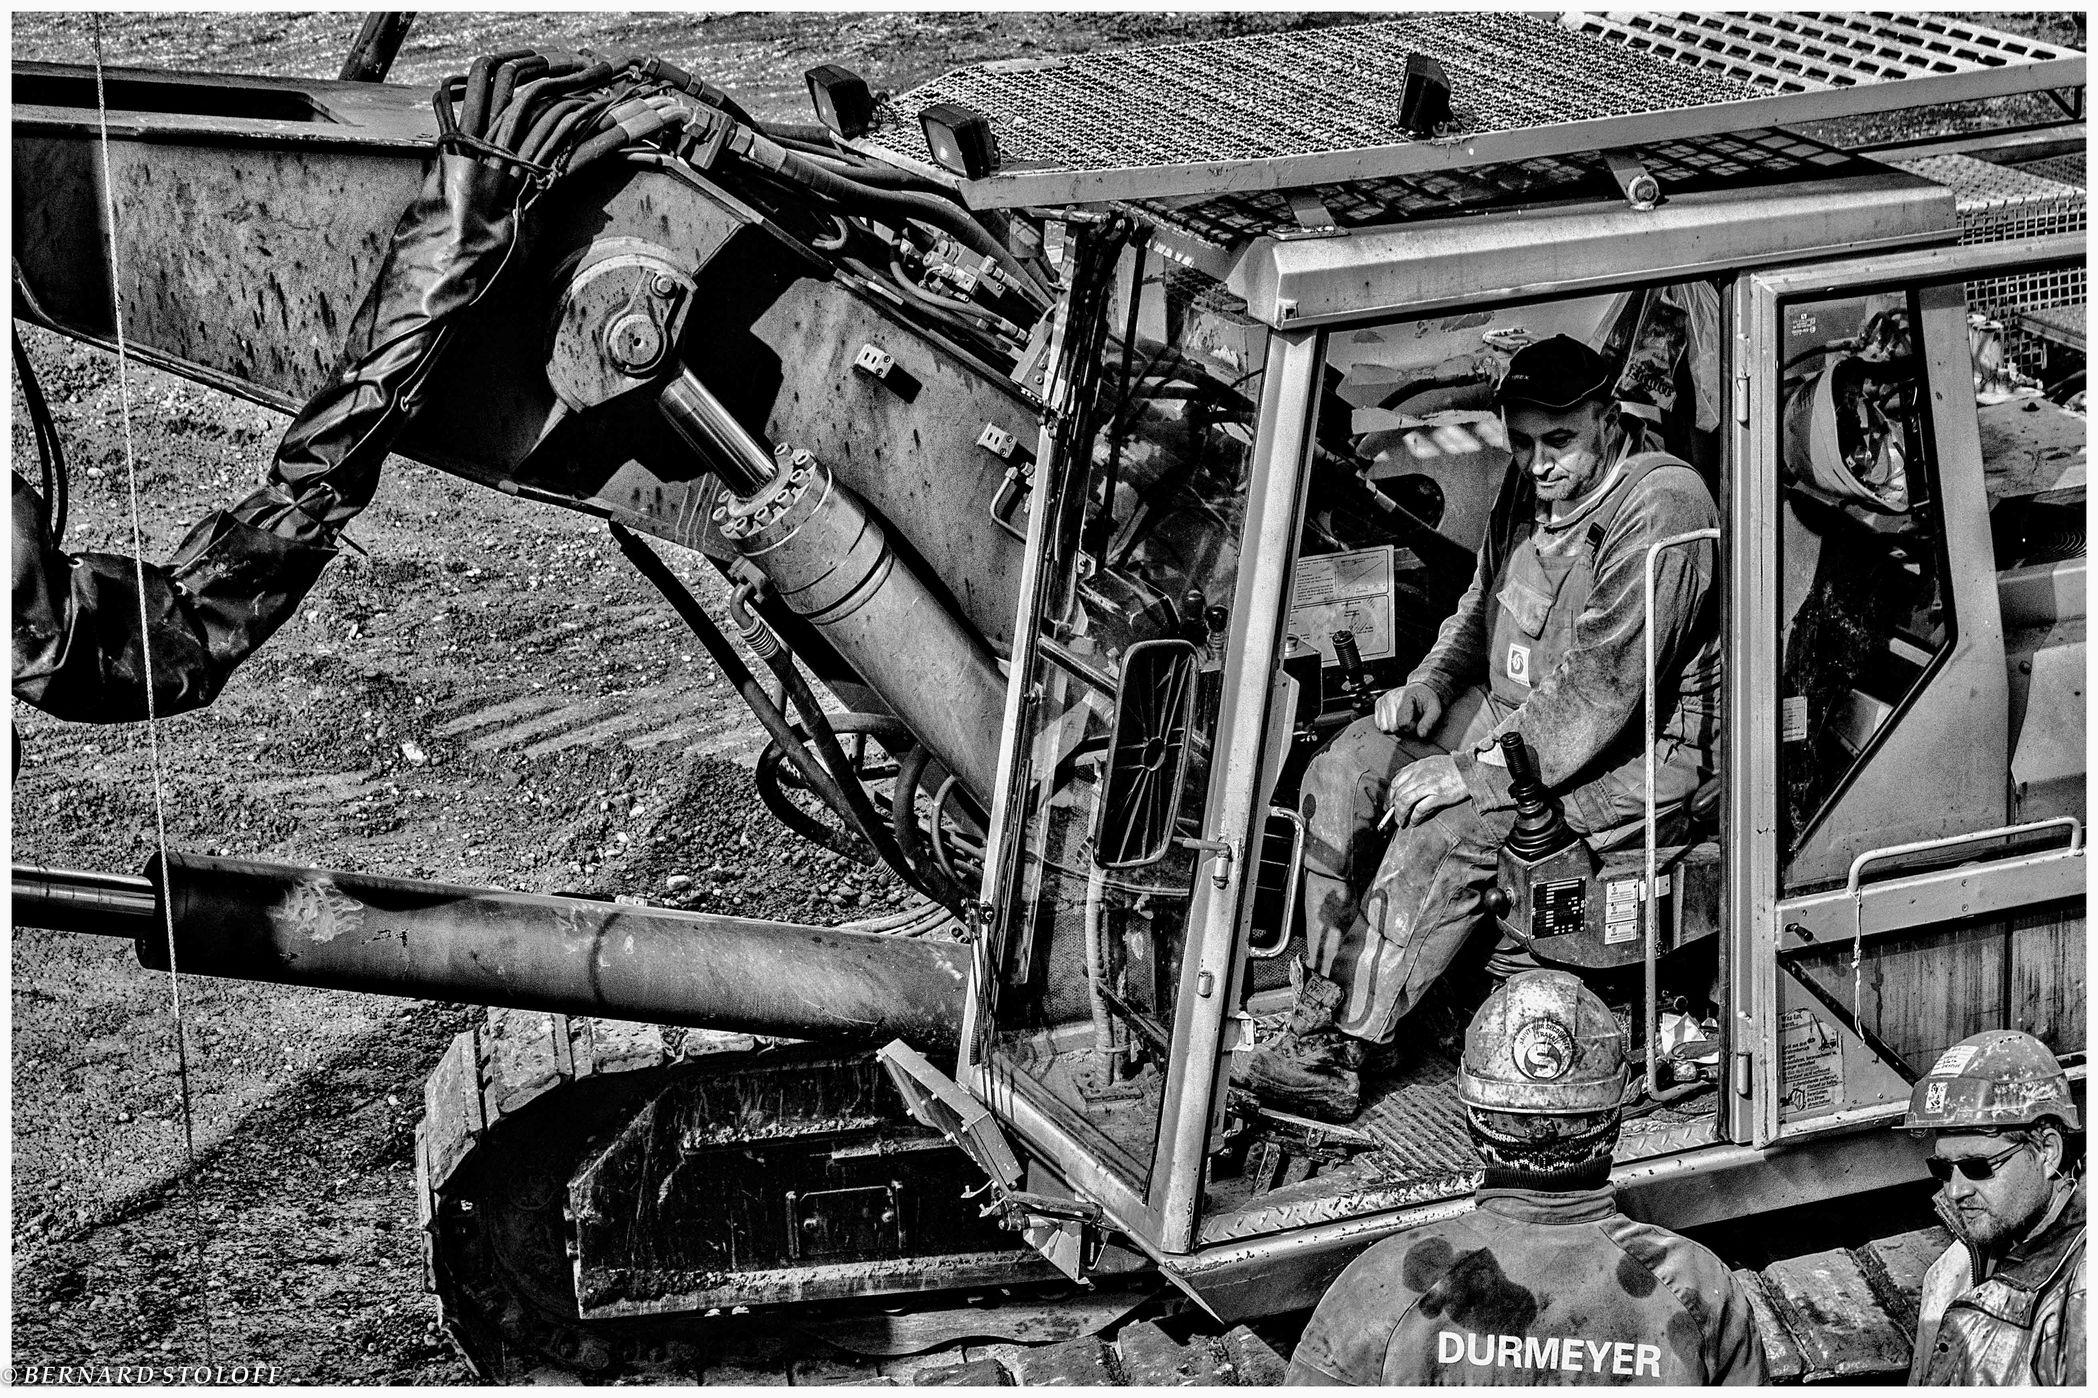 PHOTOGRAPHIER L'HOMME ET LA MACHINE, HOPITAL DE HAUTEPIERRE, STRASBOURG, ALSACE